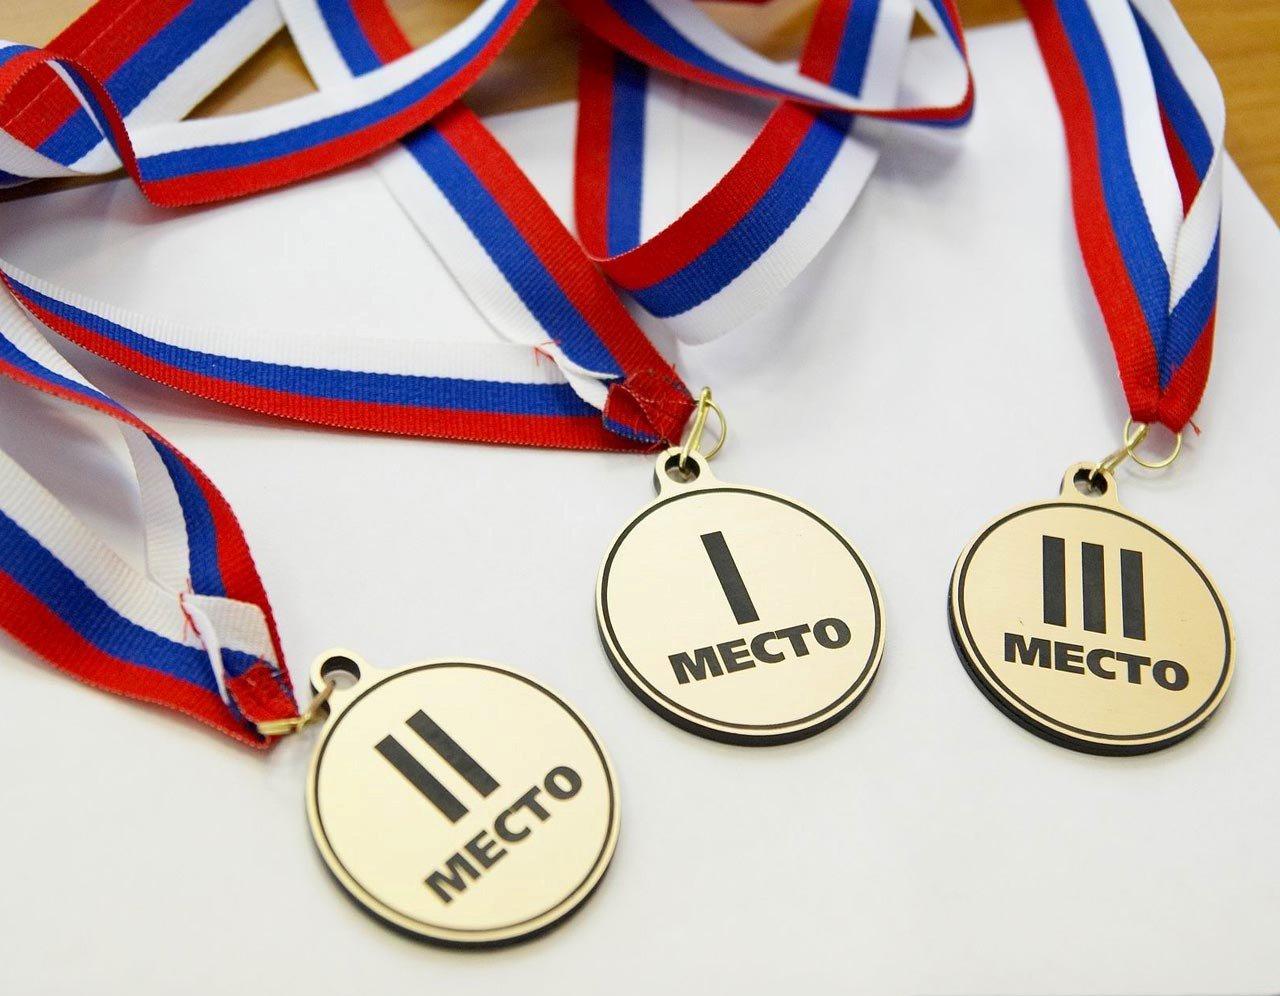 Спортсмен из станицы Зеленчукской примет участие в Чемпионате и первенстве ЮФО и СКФО России по легкой атлетике